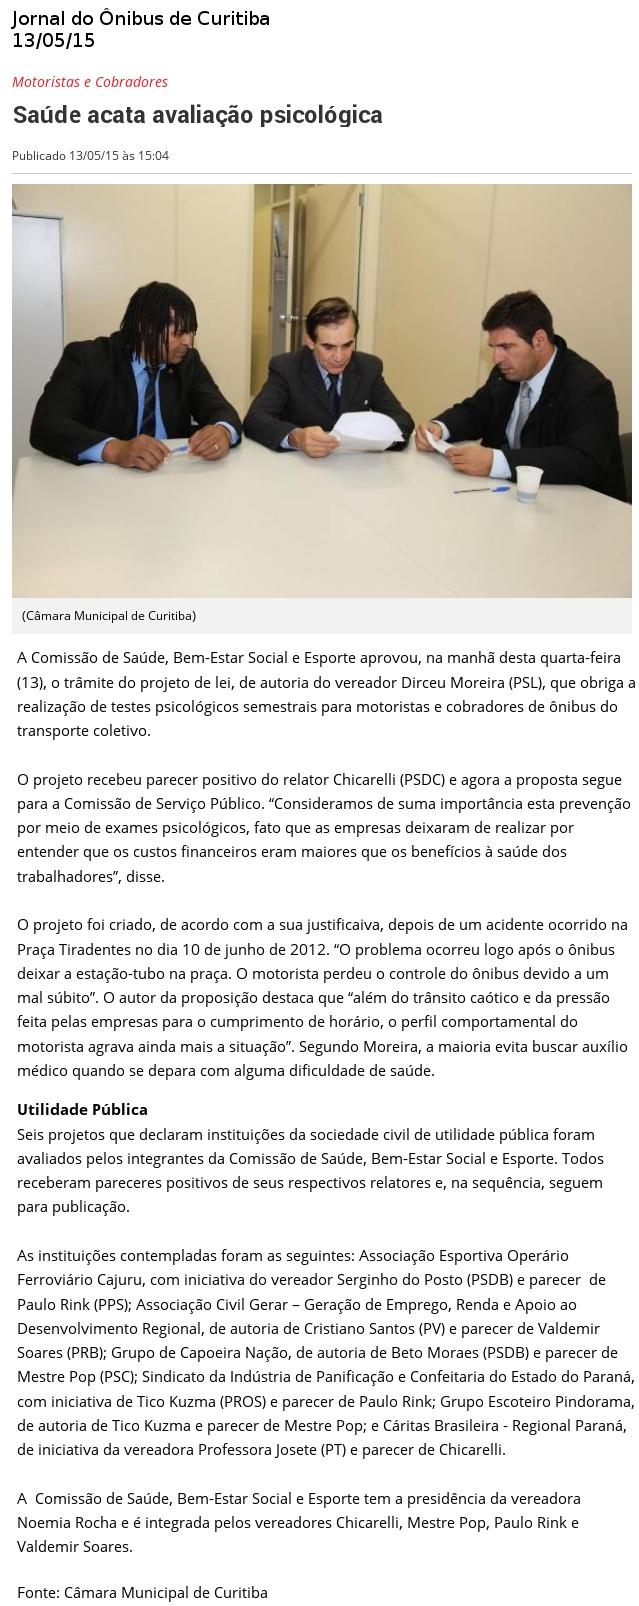 jornal do onibus de curitiba 1505